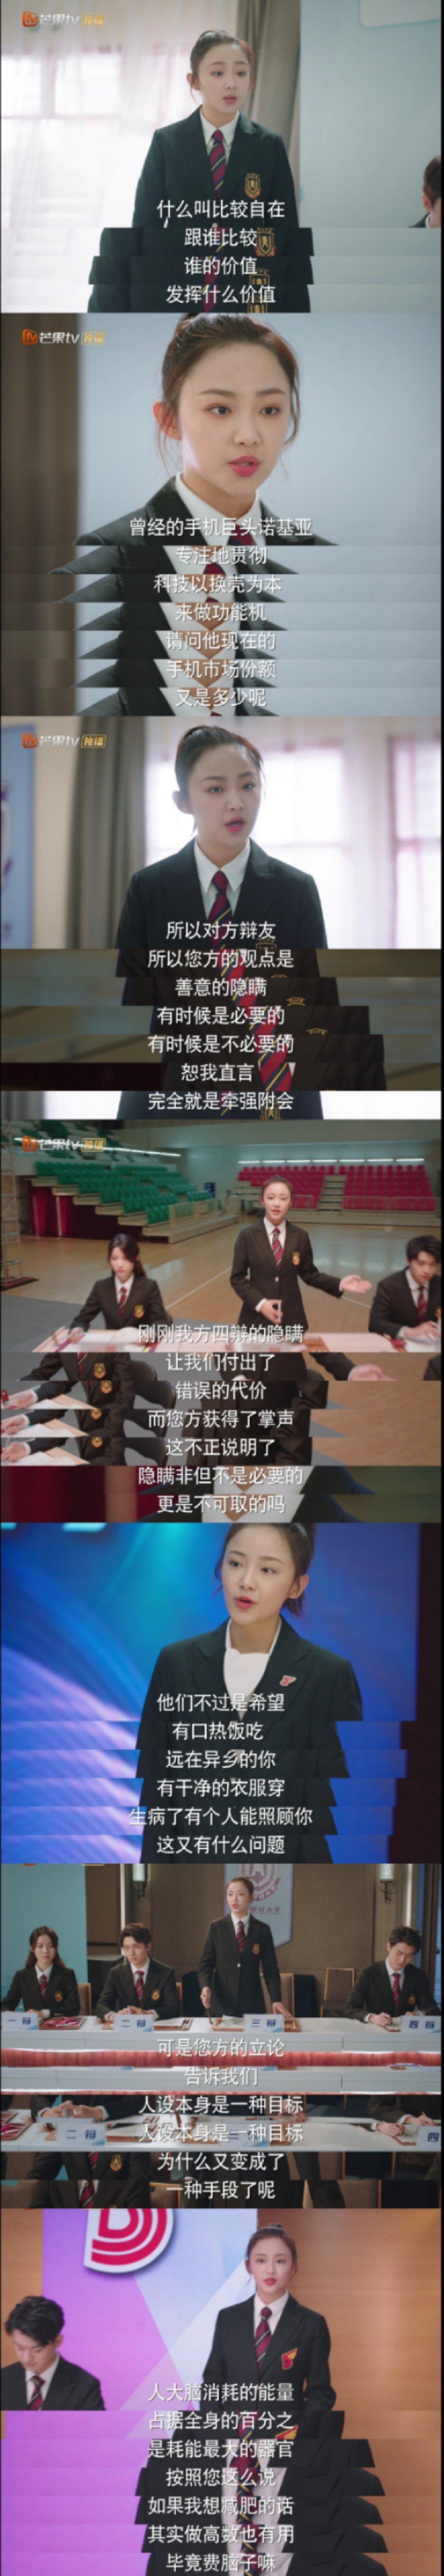 《你好对方辩友2》里 @吴佳怡_six 和辣目洋子的互动也太好笑了……